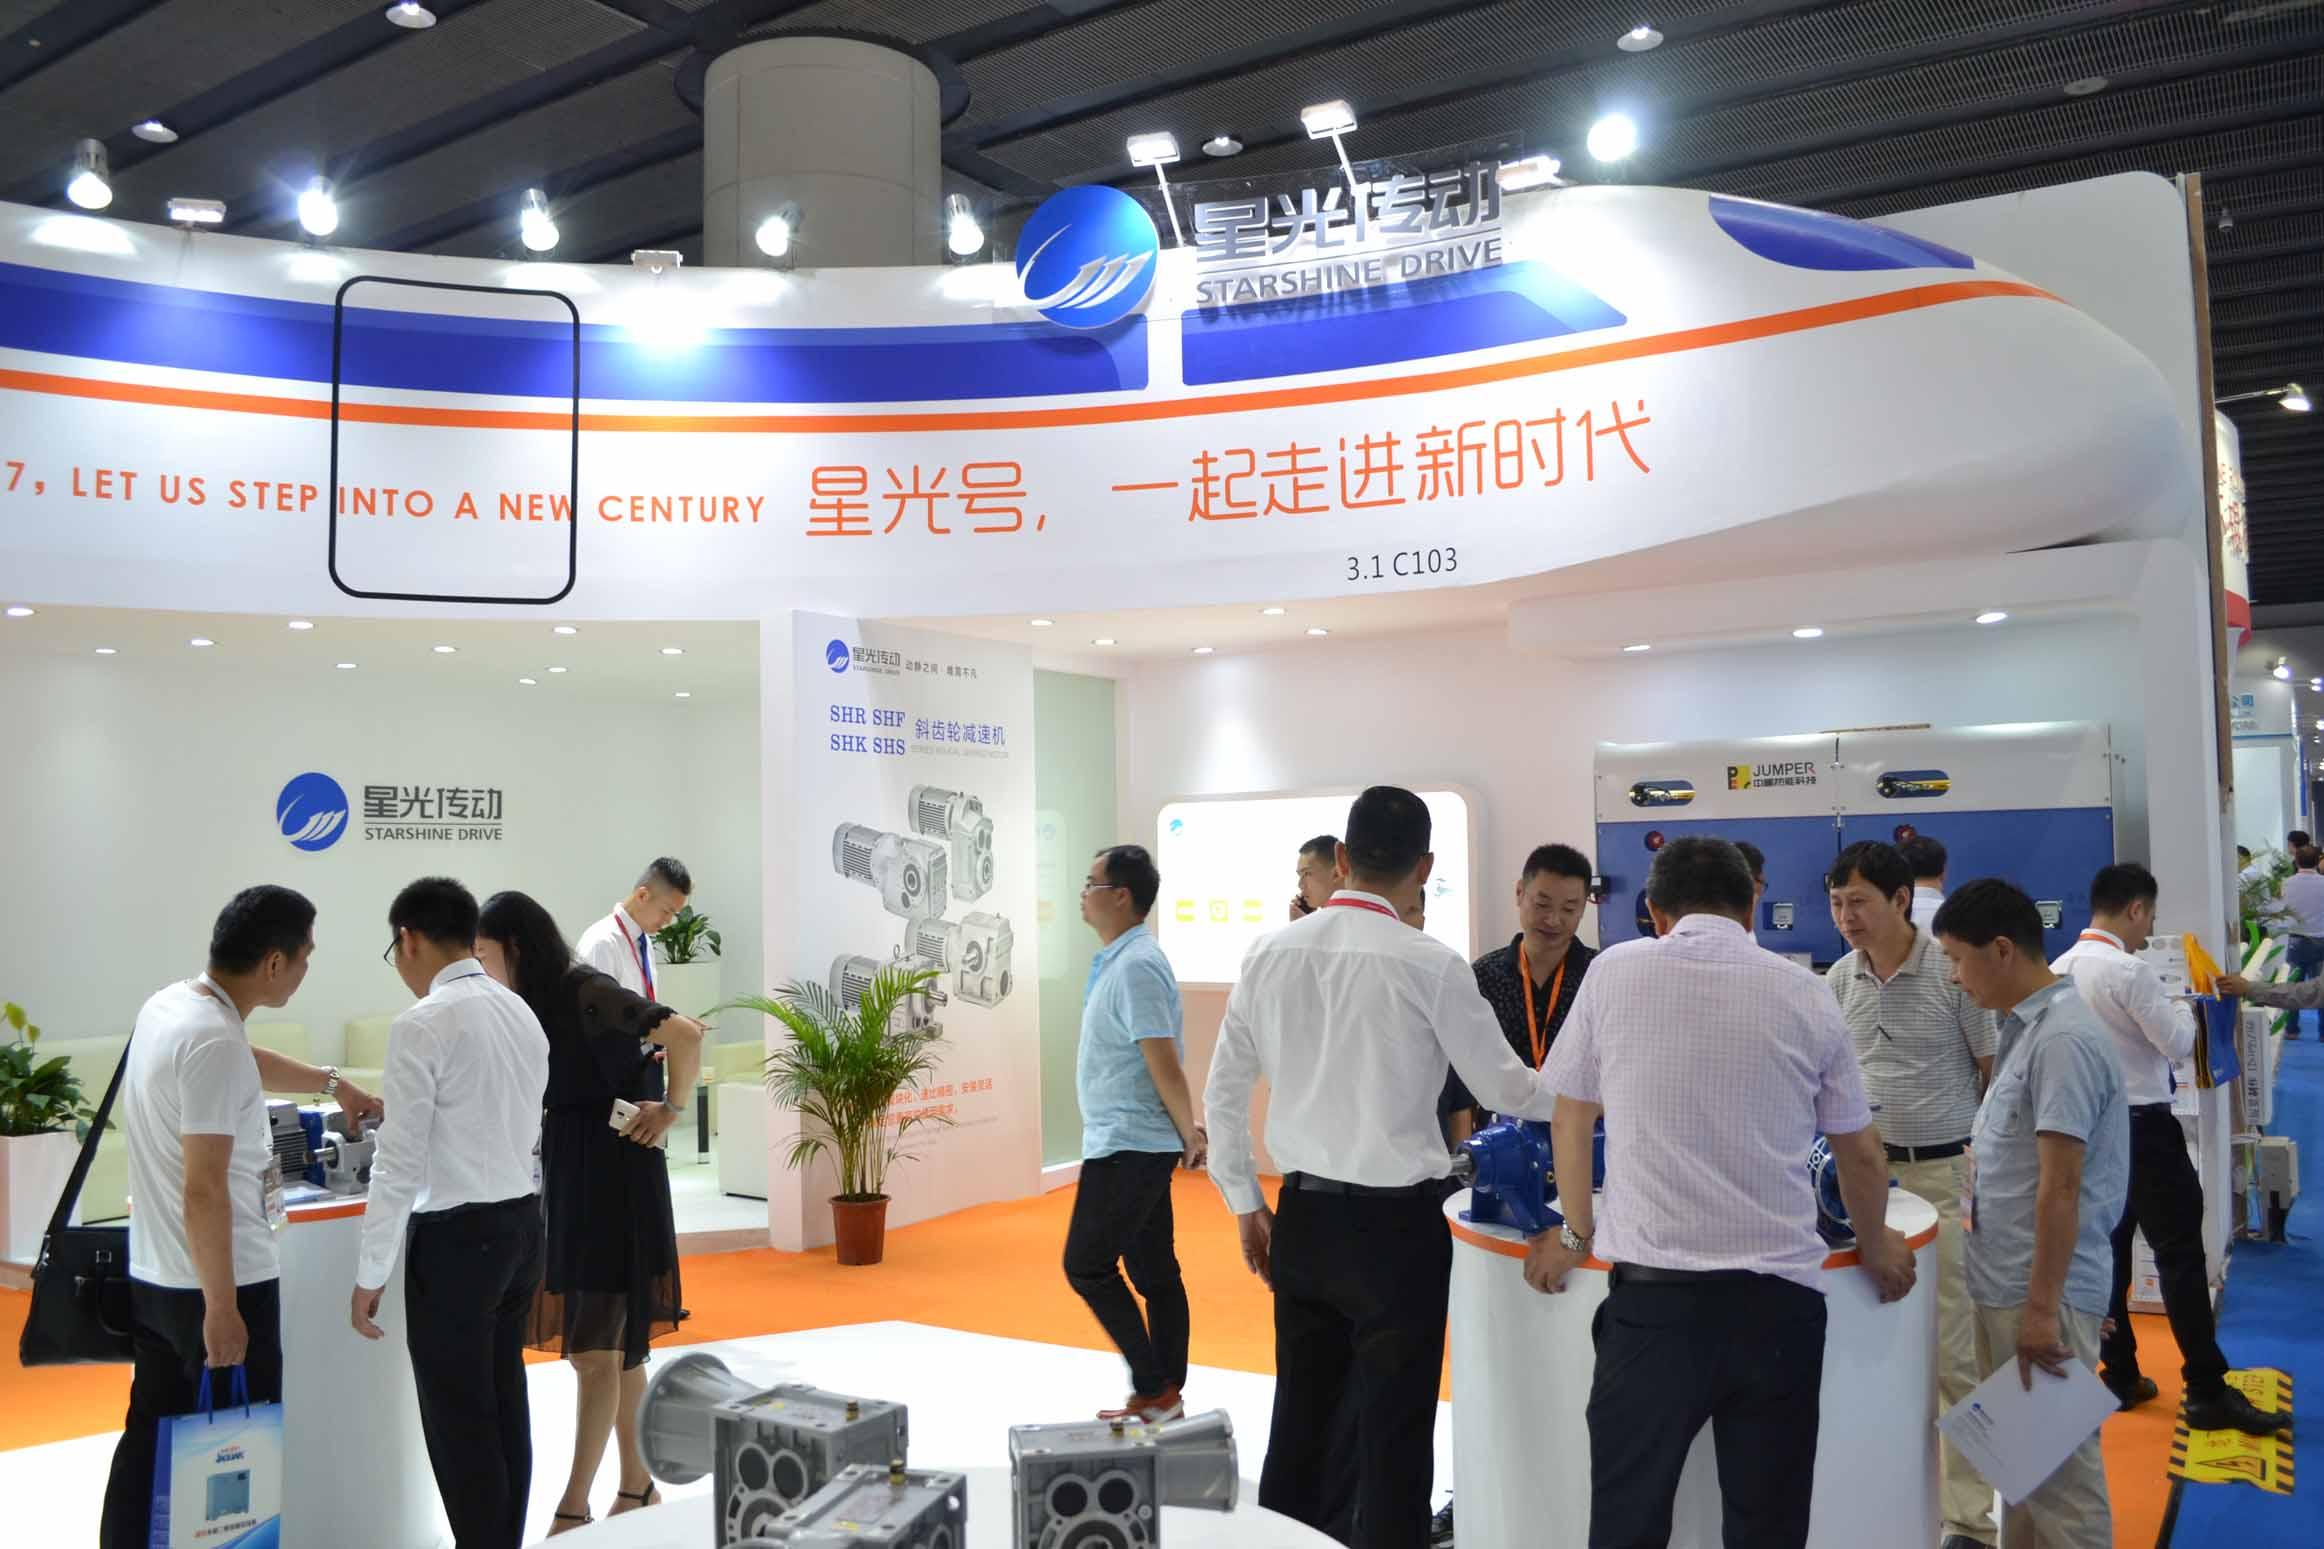 Industrial Exhibition 2017